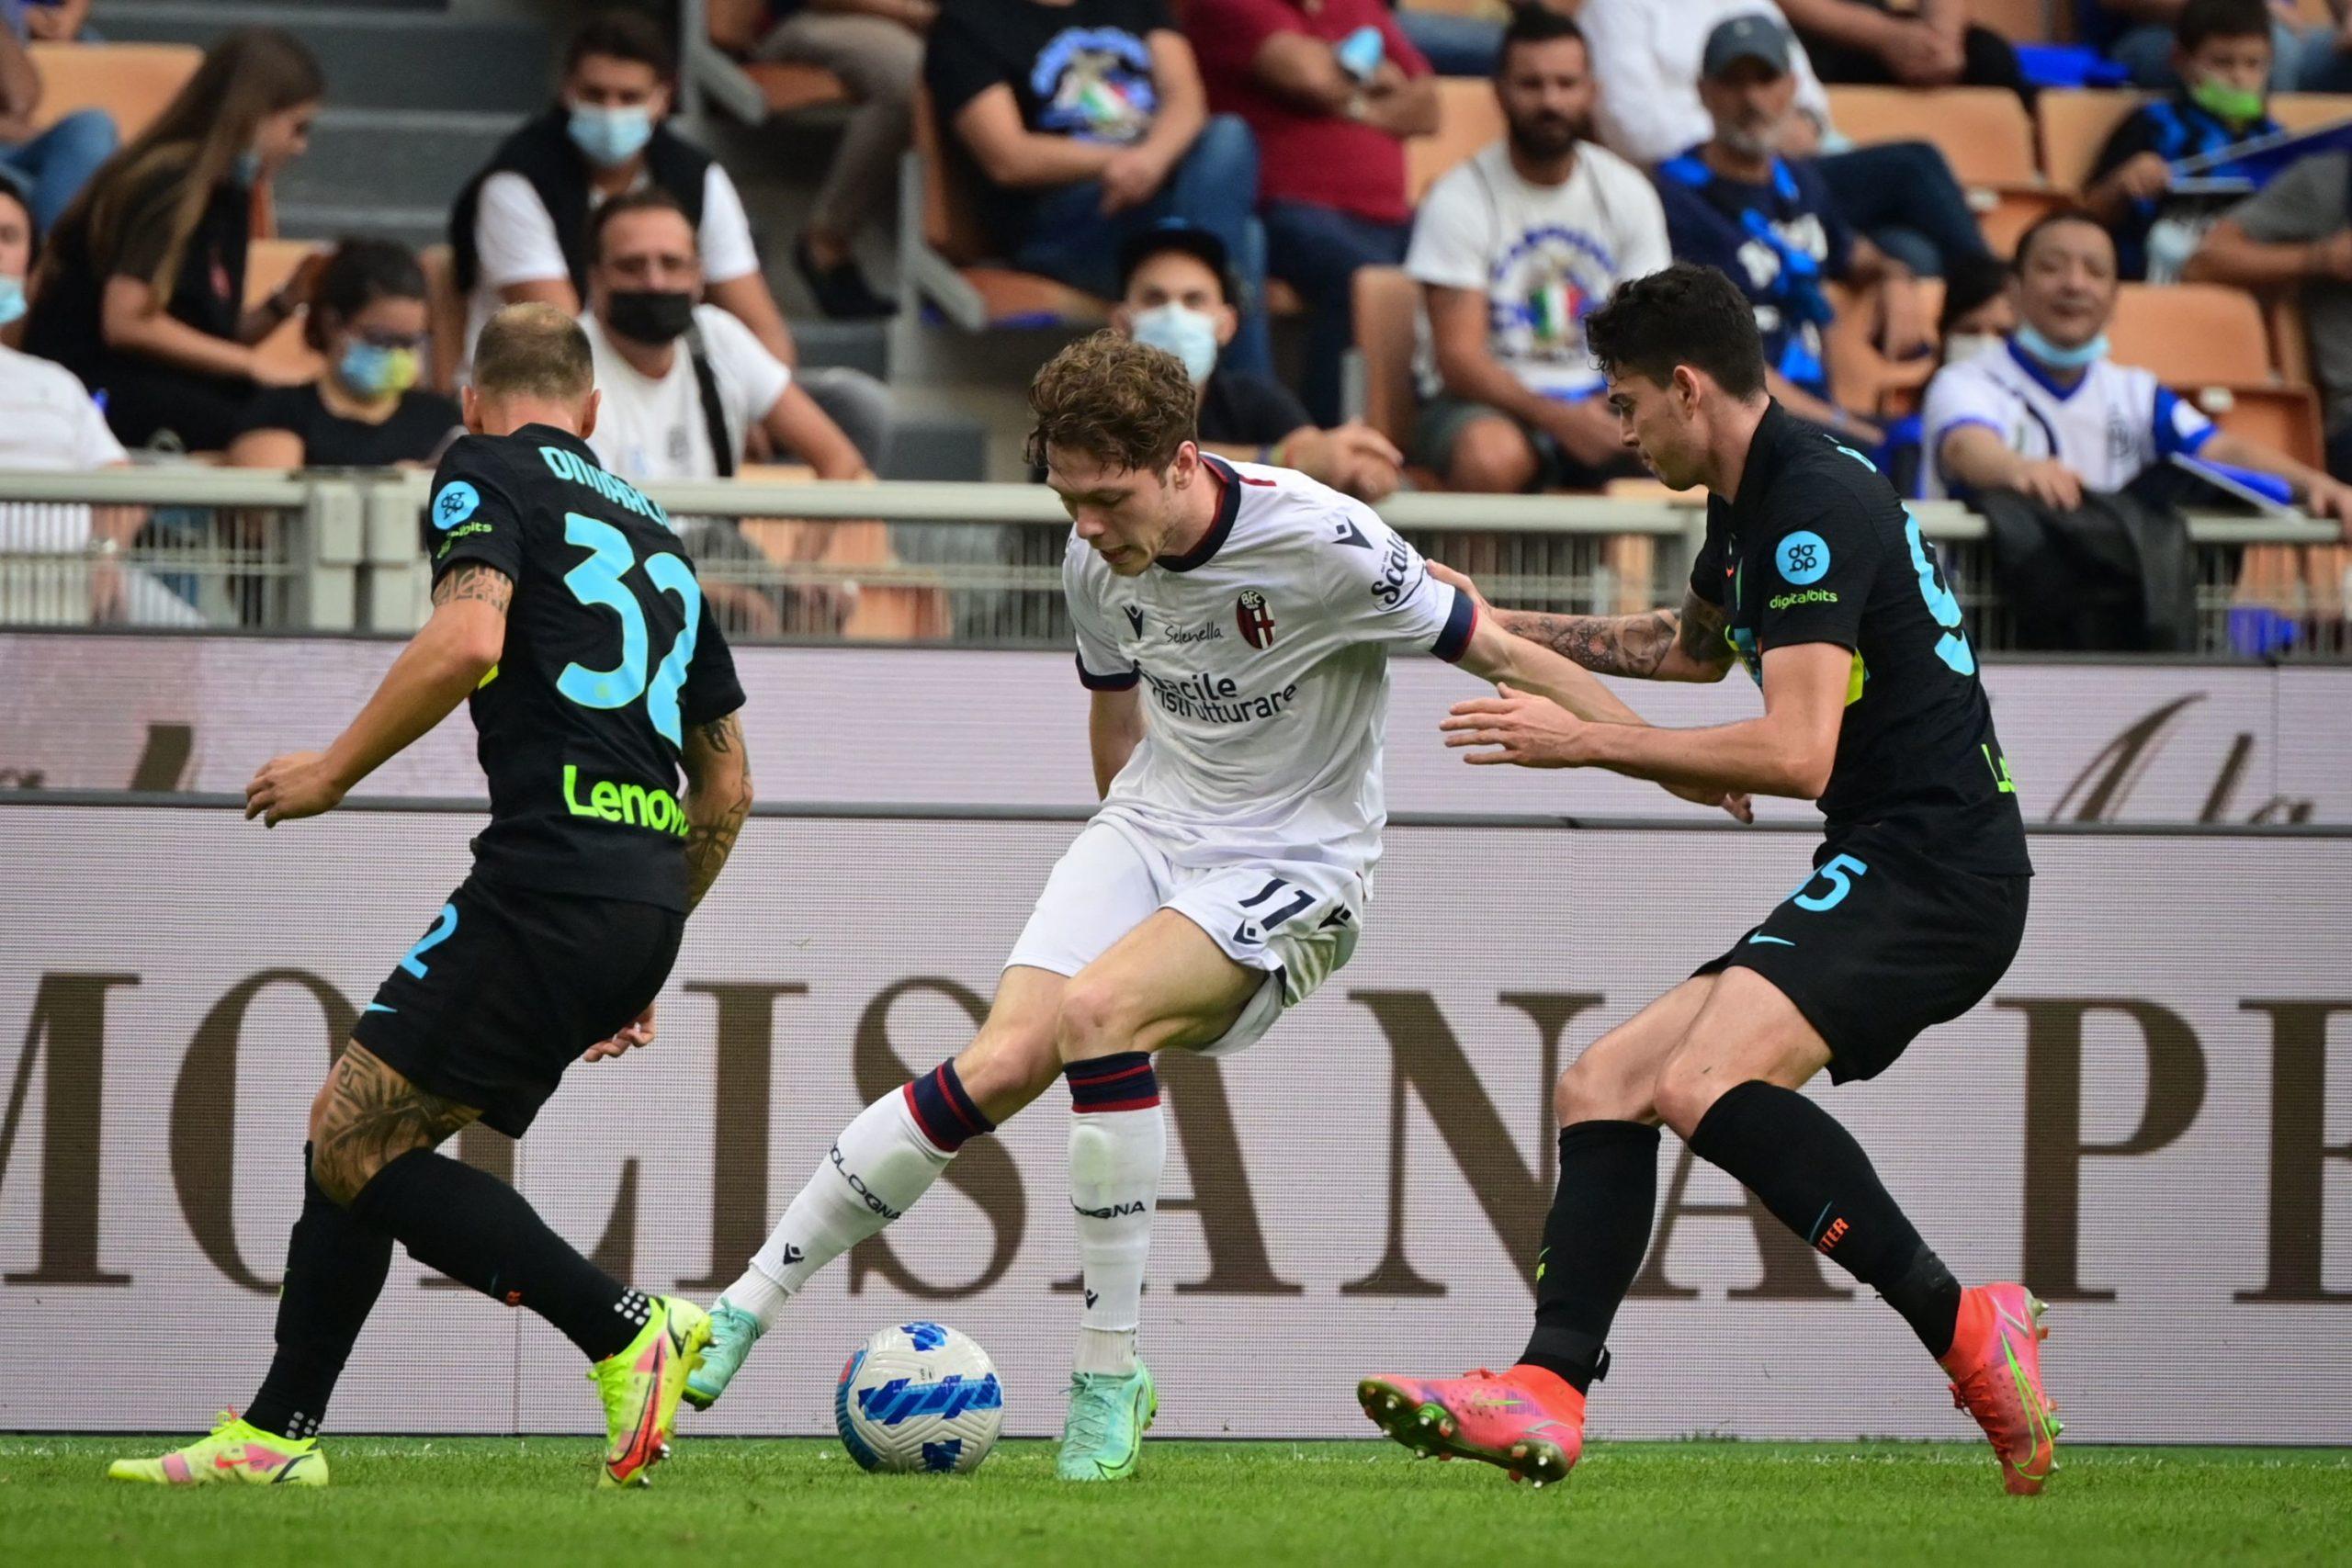 Inter travolgente: 6 gol al Bologna, doppietta Dzeko